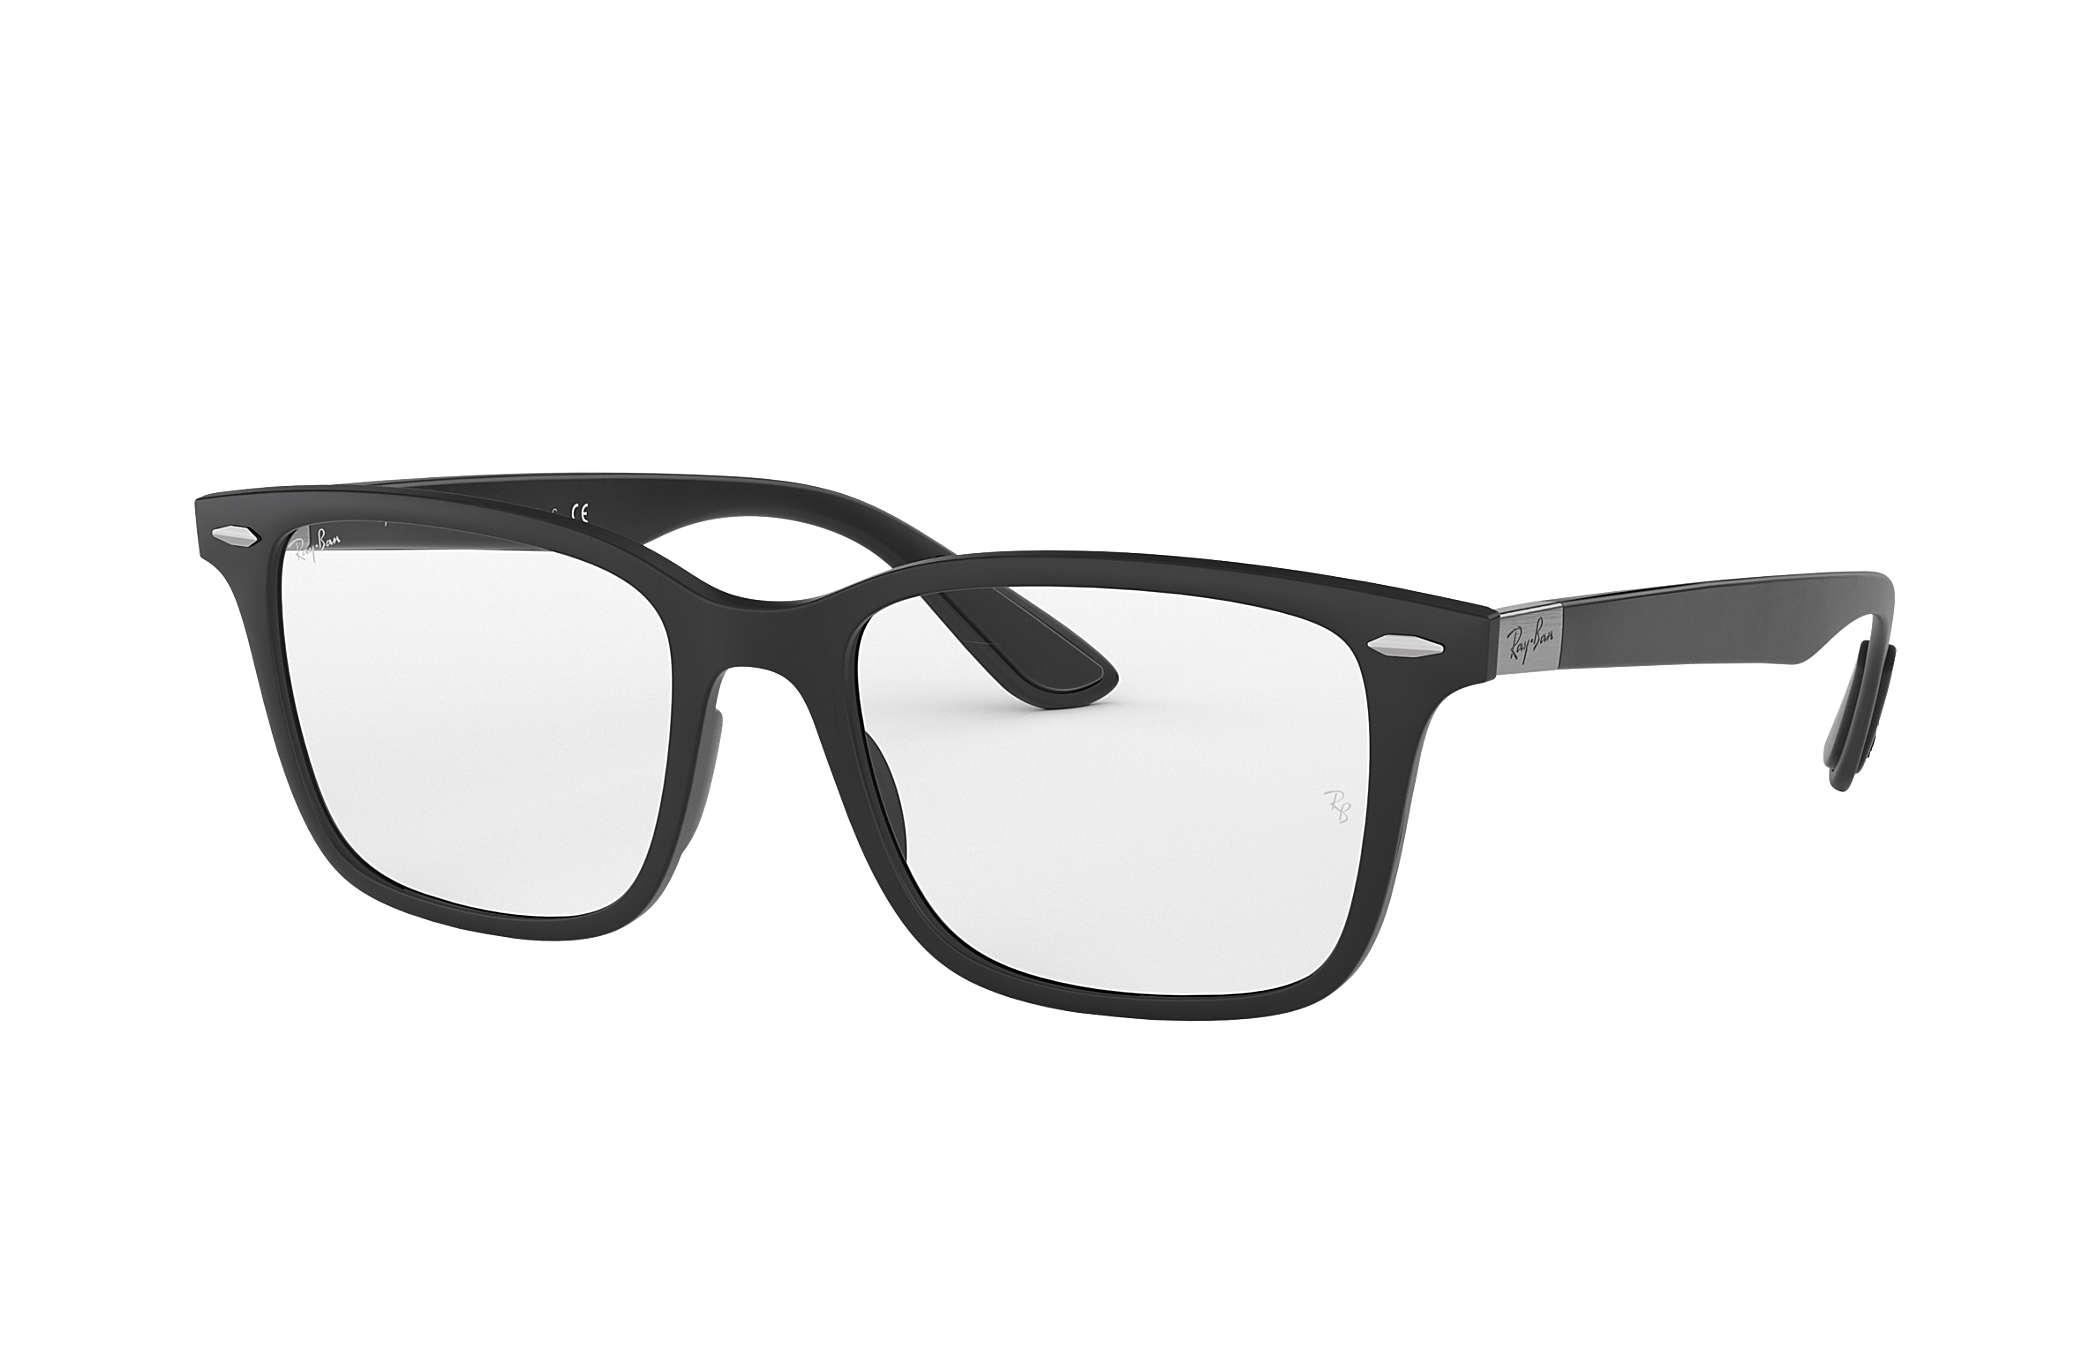 c7033eaf5726 Ray-Ban prescription glasses RB7144 Black - Peek - 0RX7144520453 ...